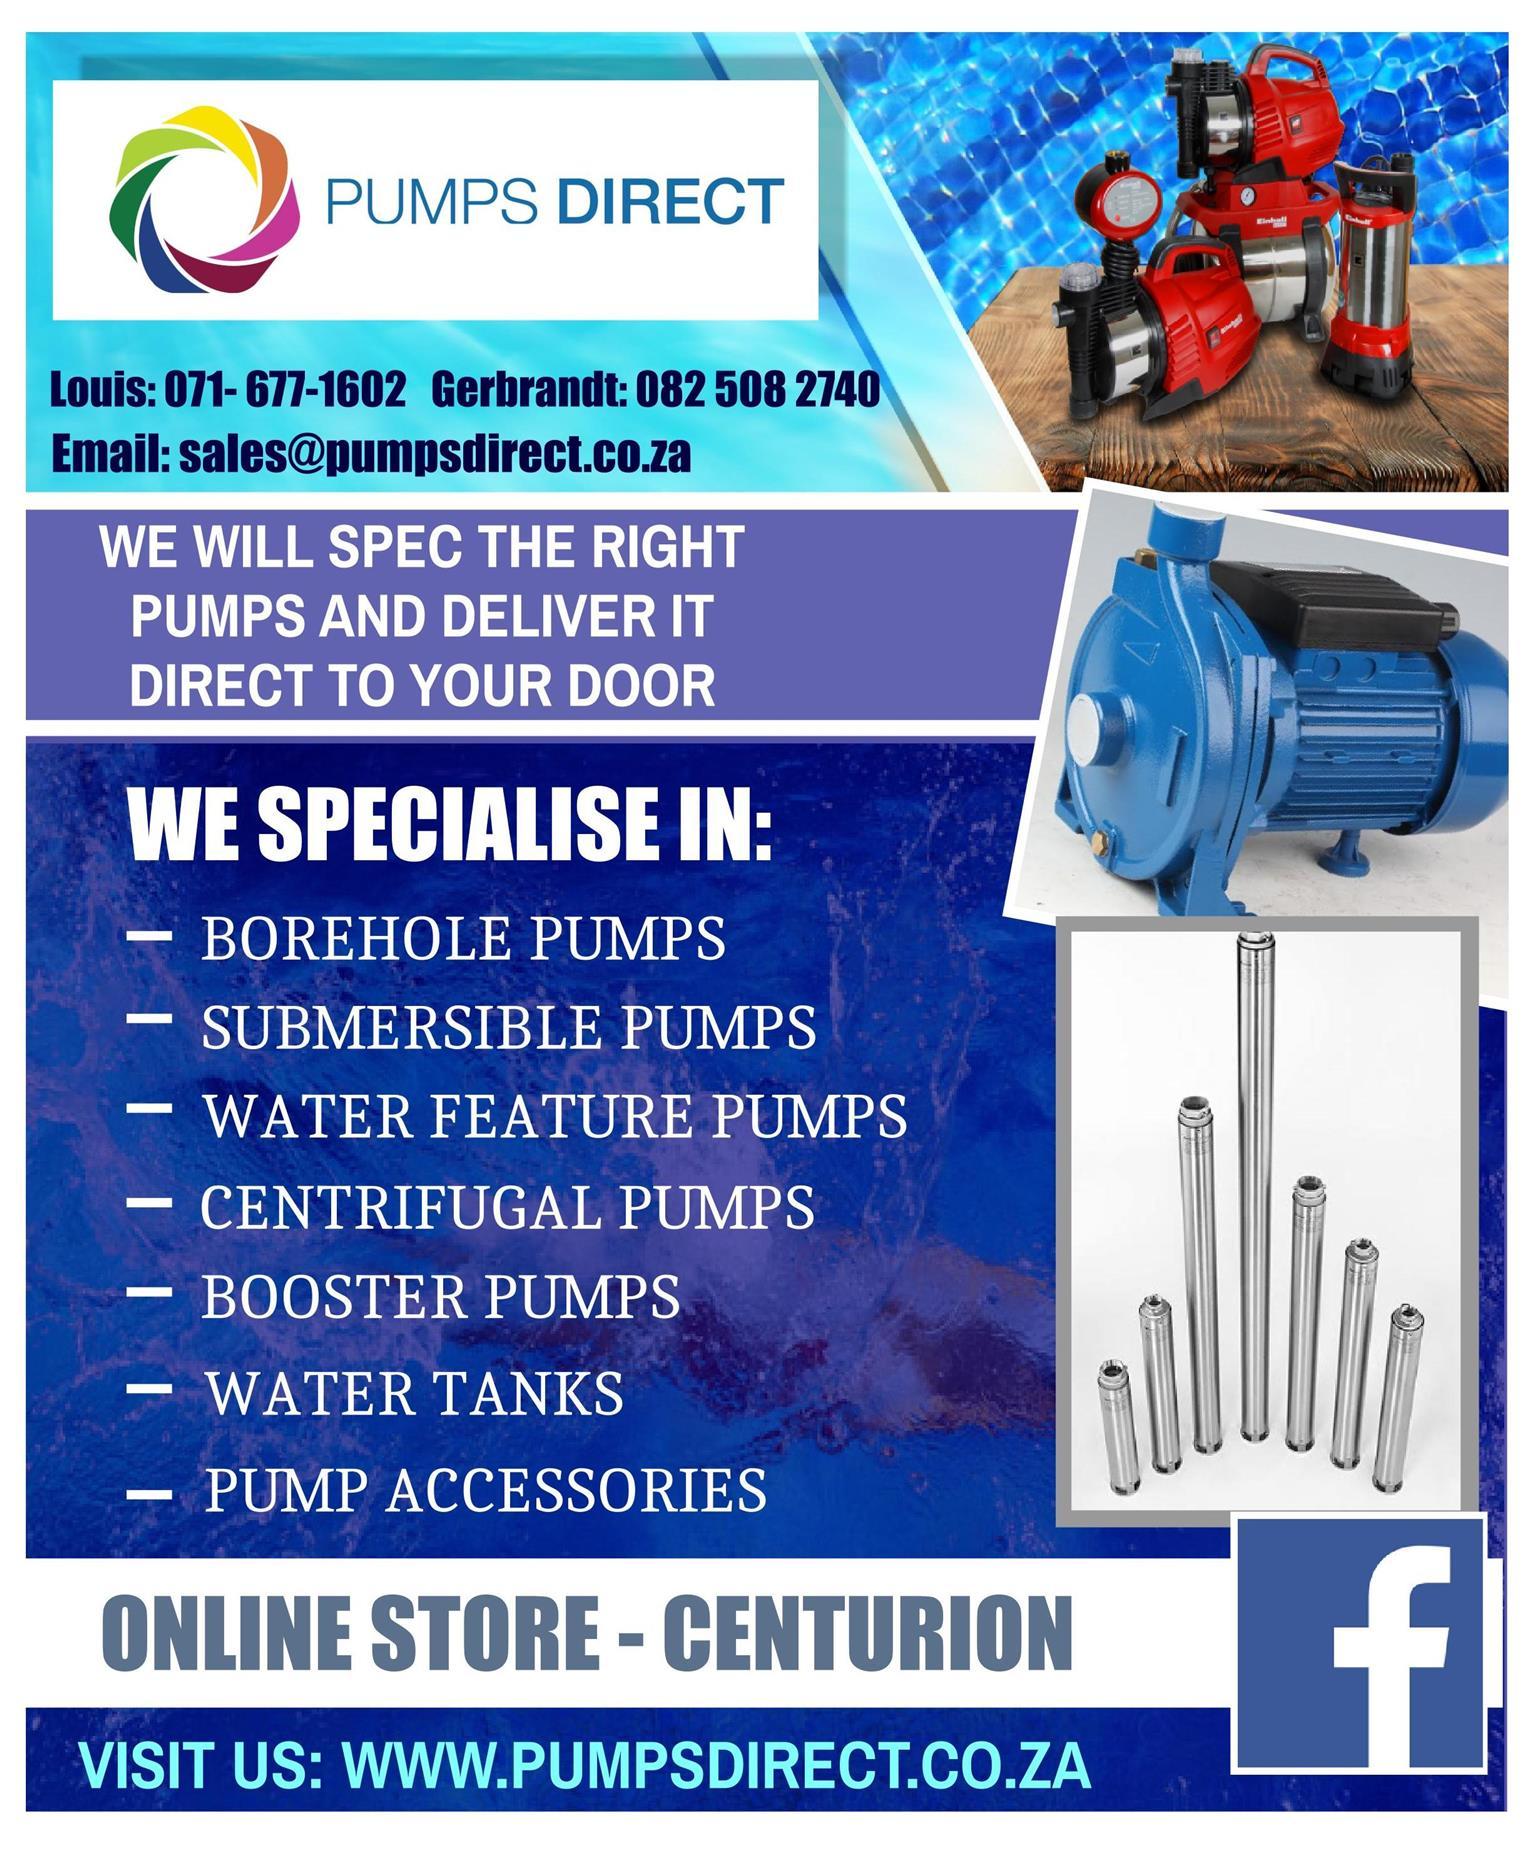 Pumps Direct